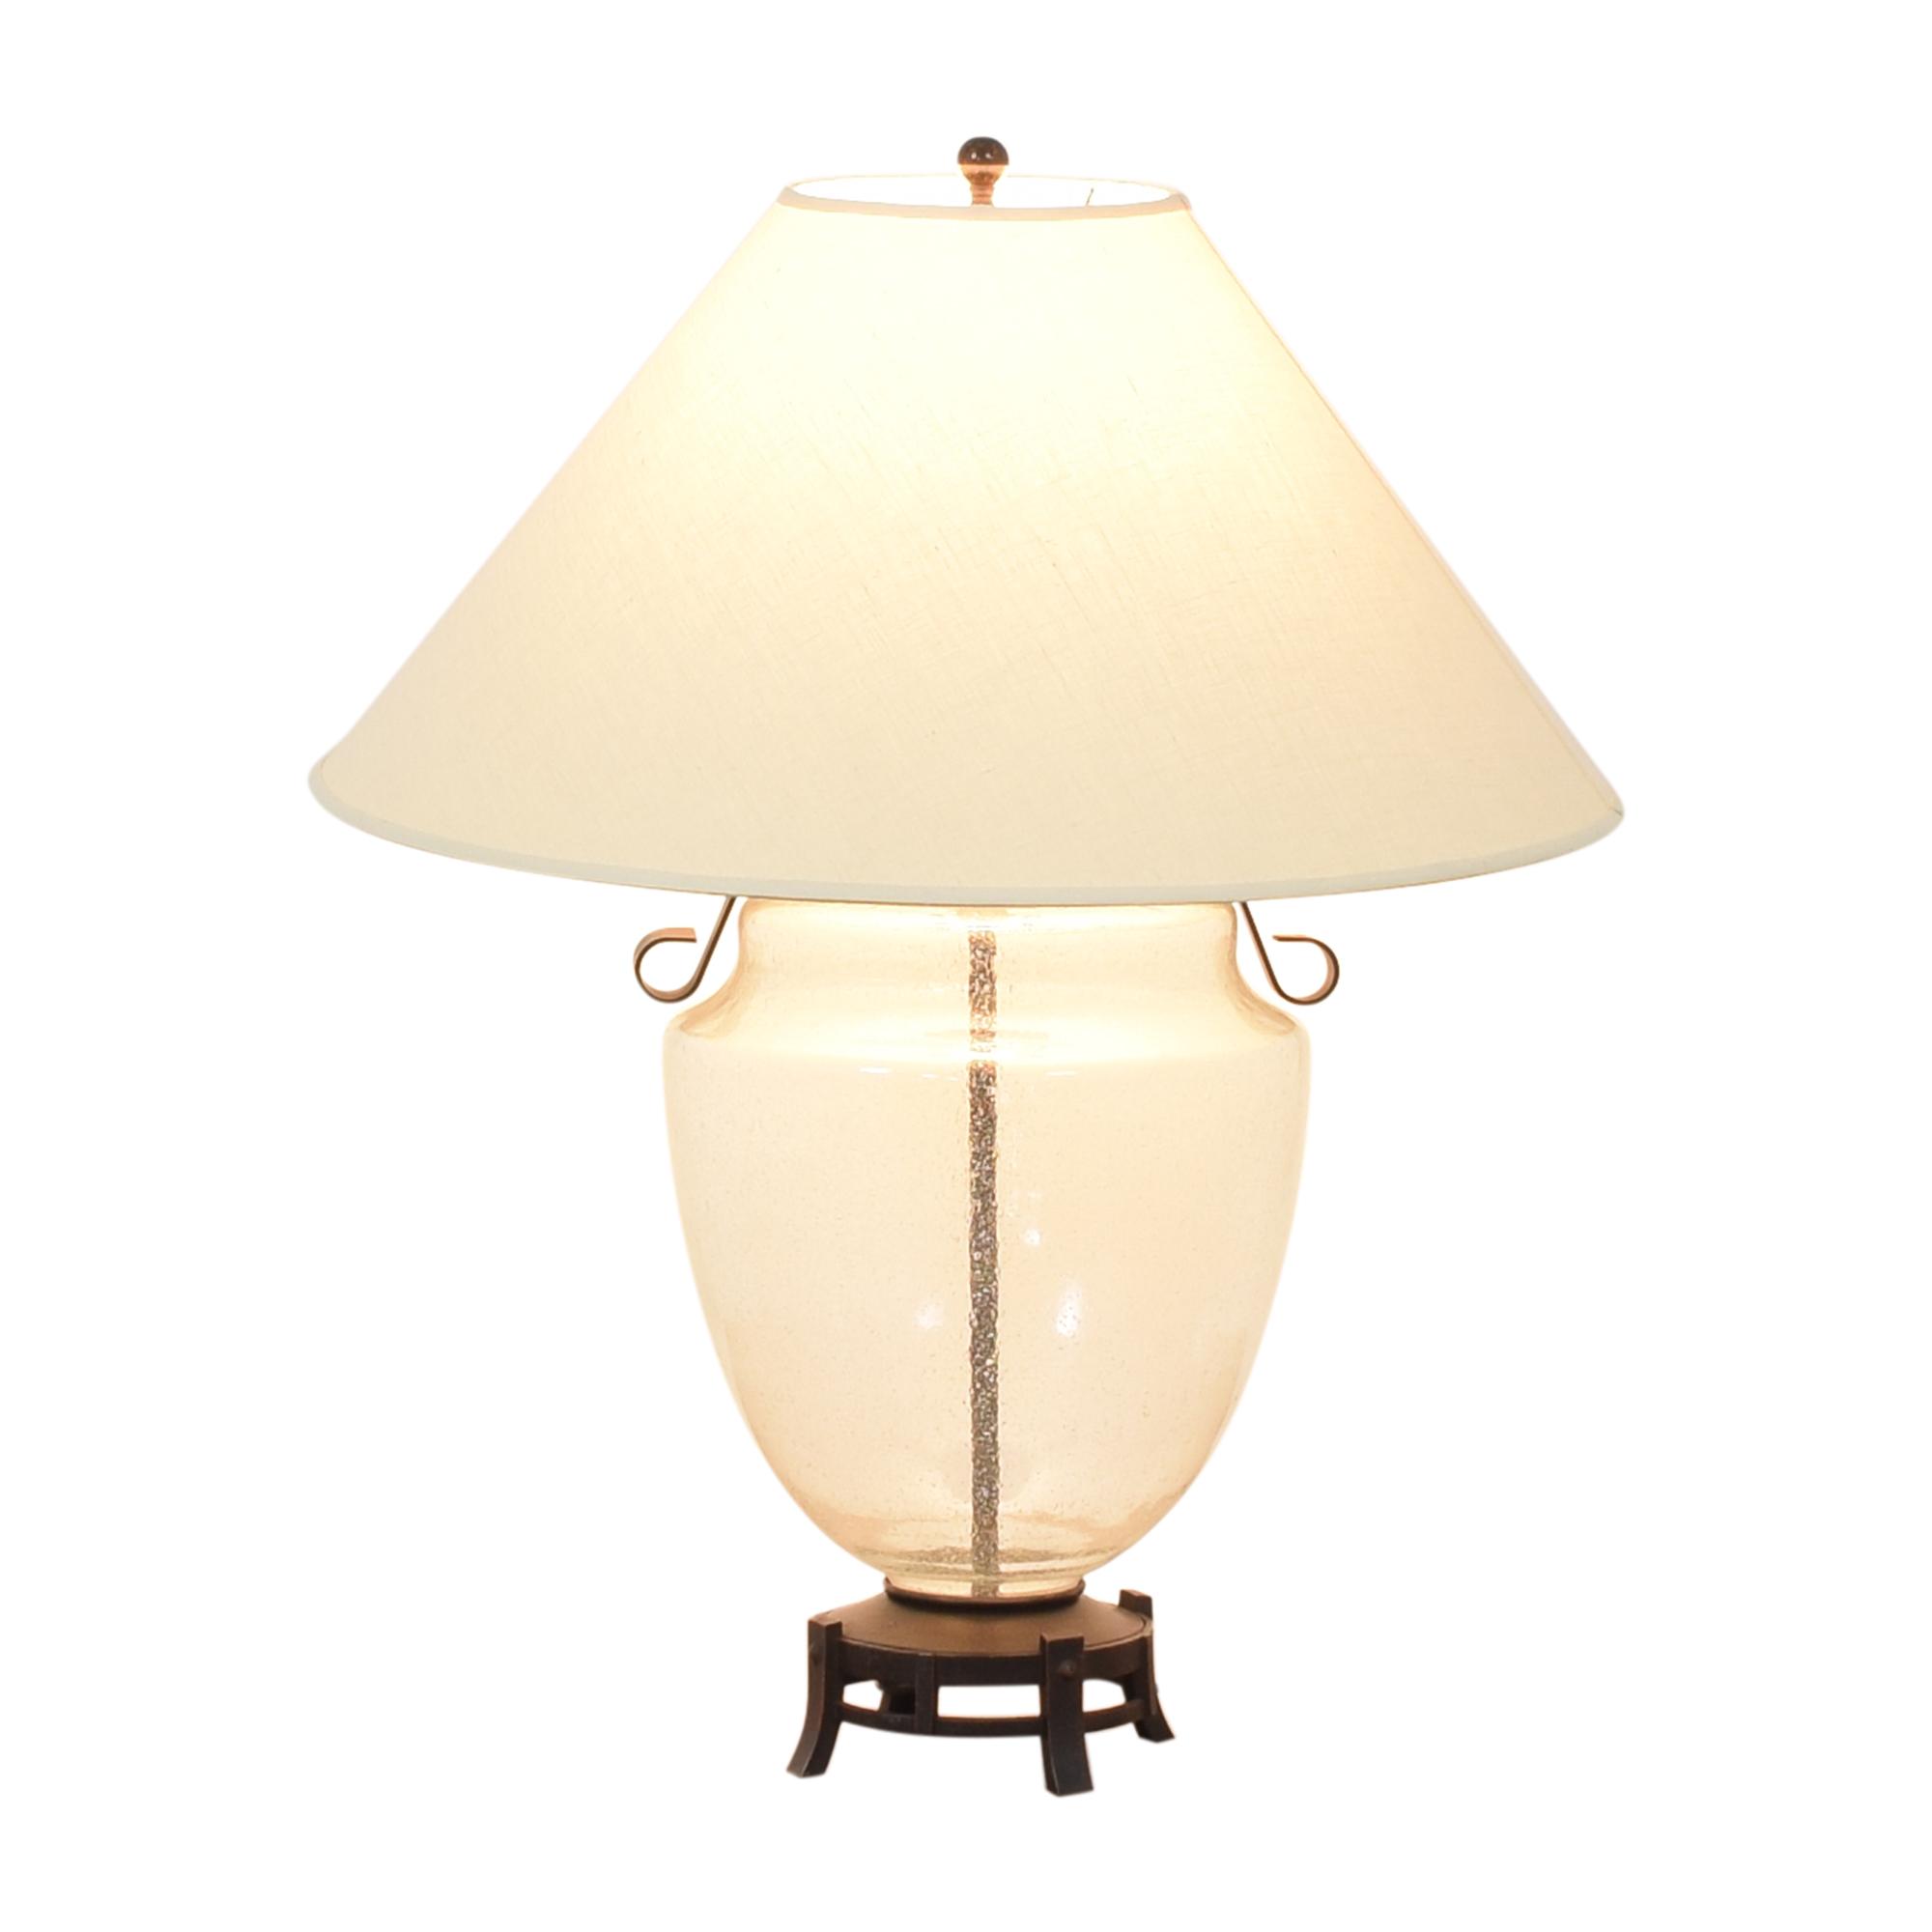 Ethan Allen Ethan Allen Modern Table Lamp discount